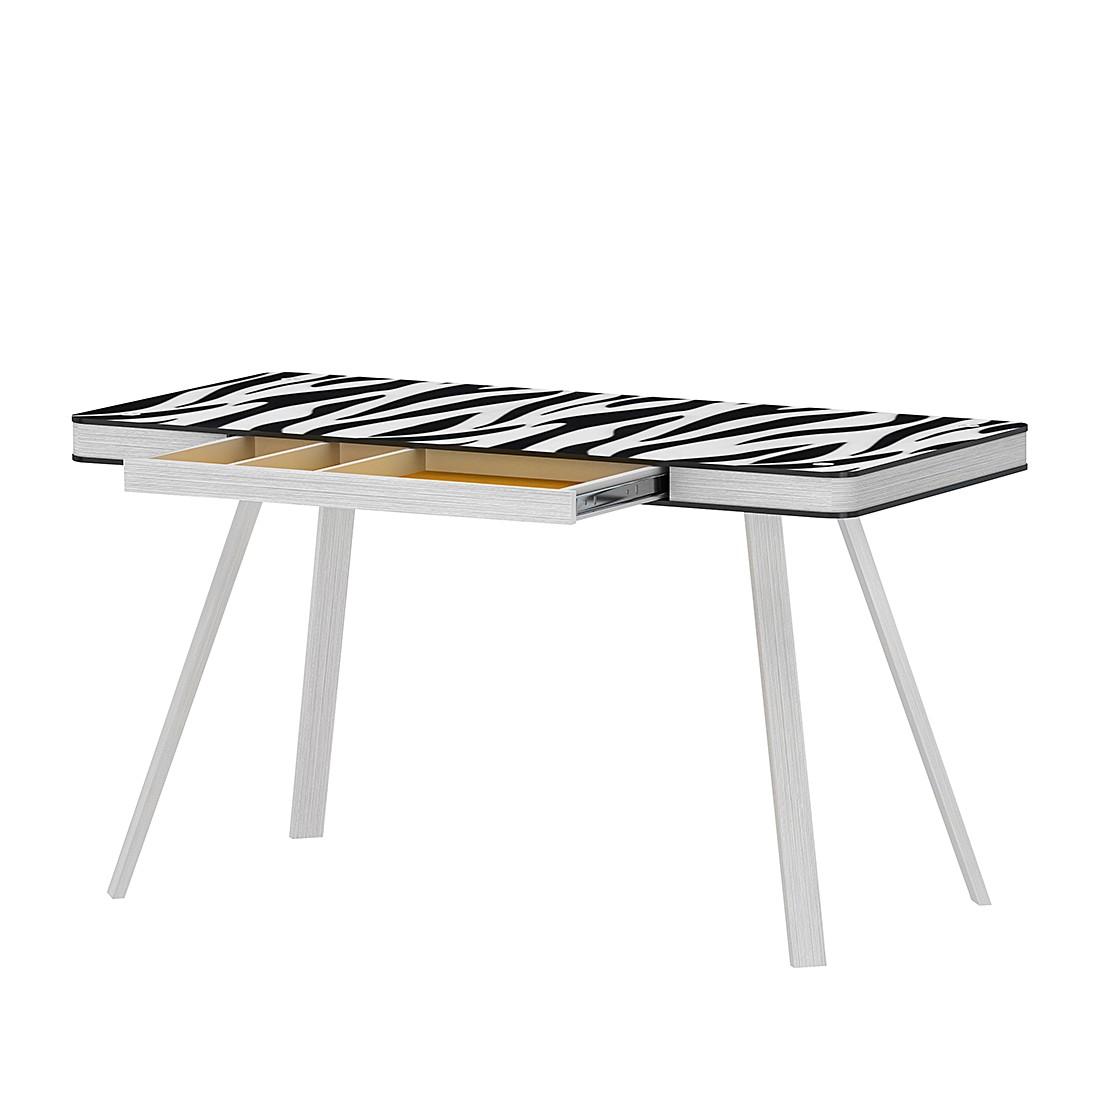 Schreibtisch Smart Desk – Zebra, Jahnke günstig online kaufen